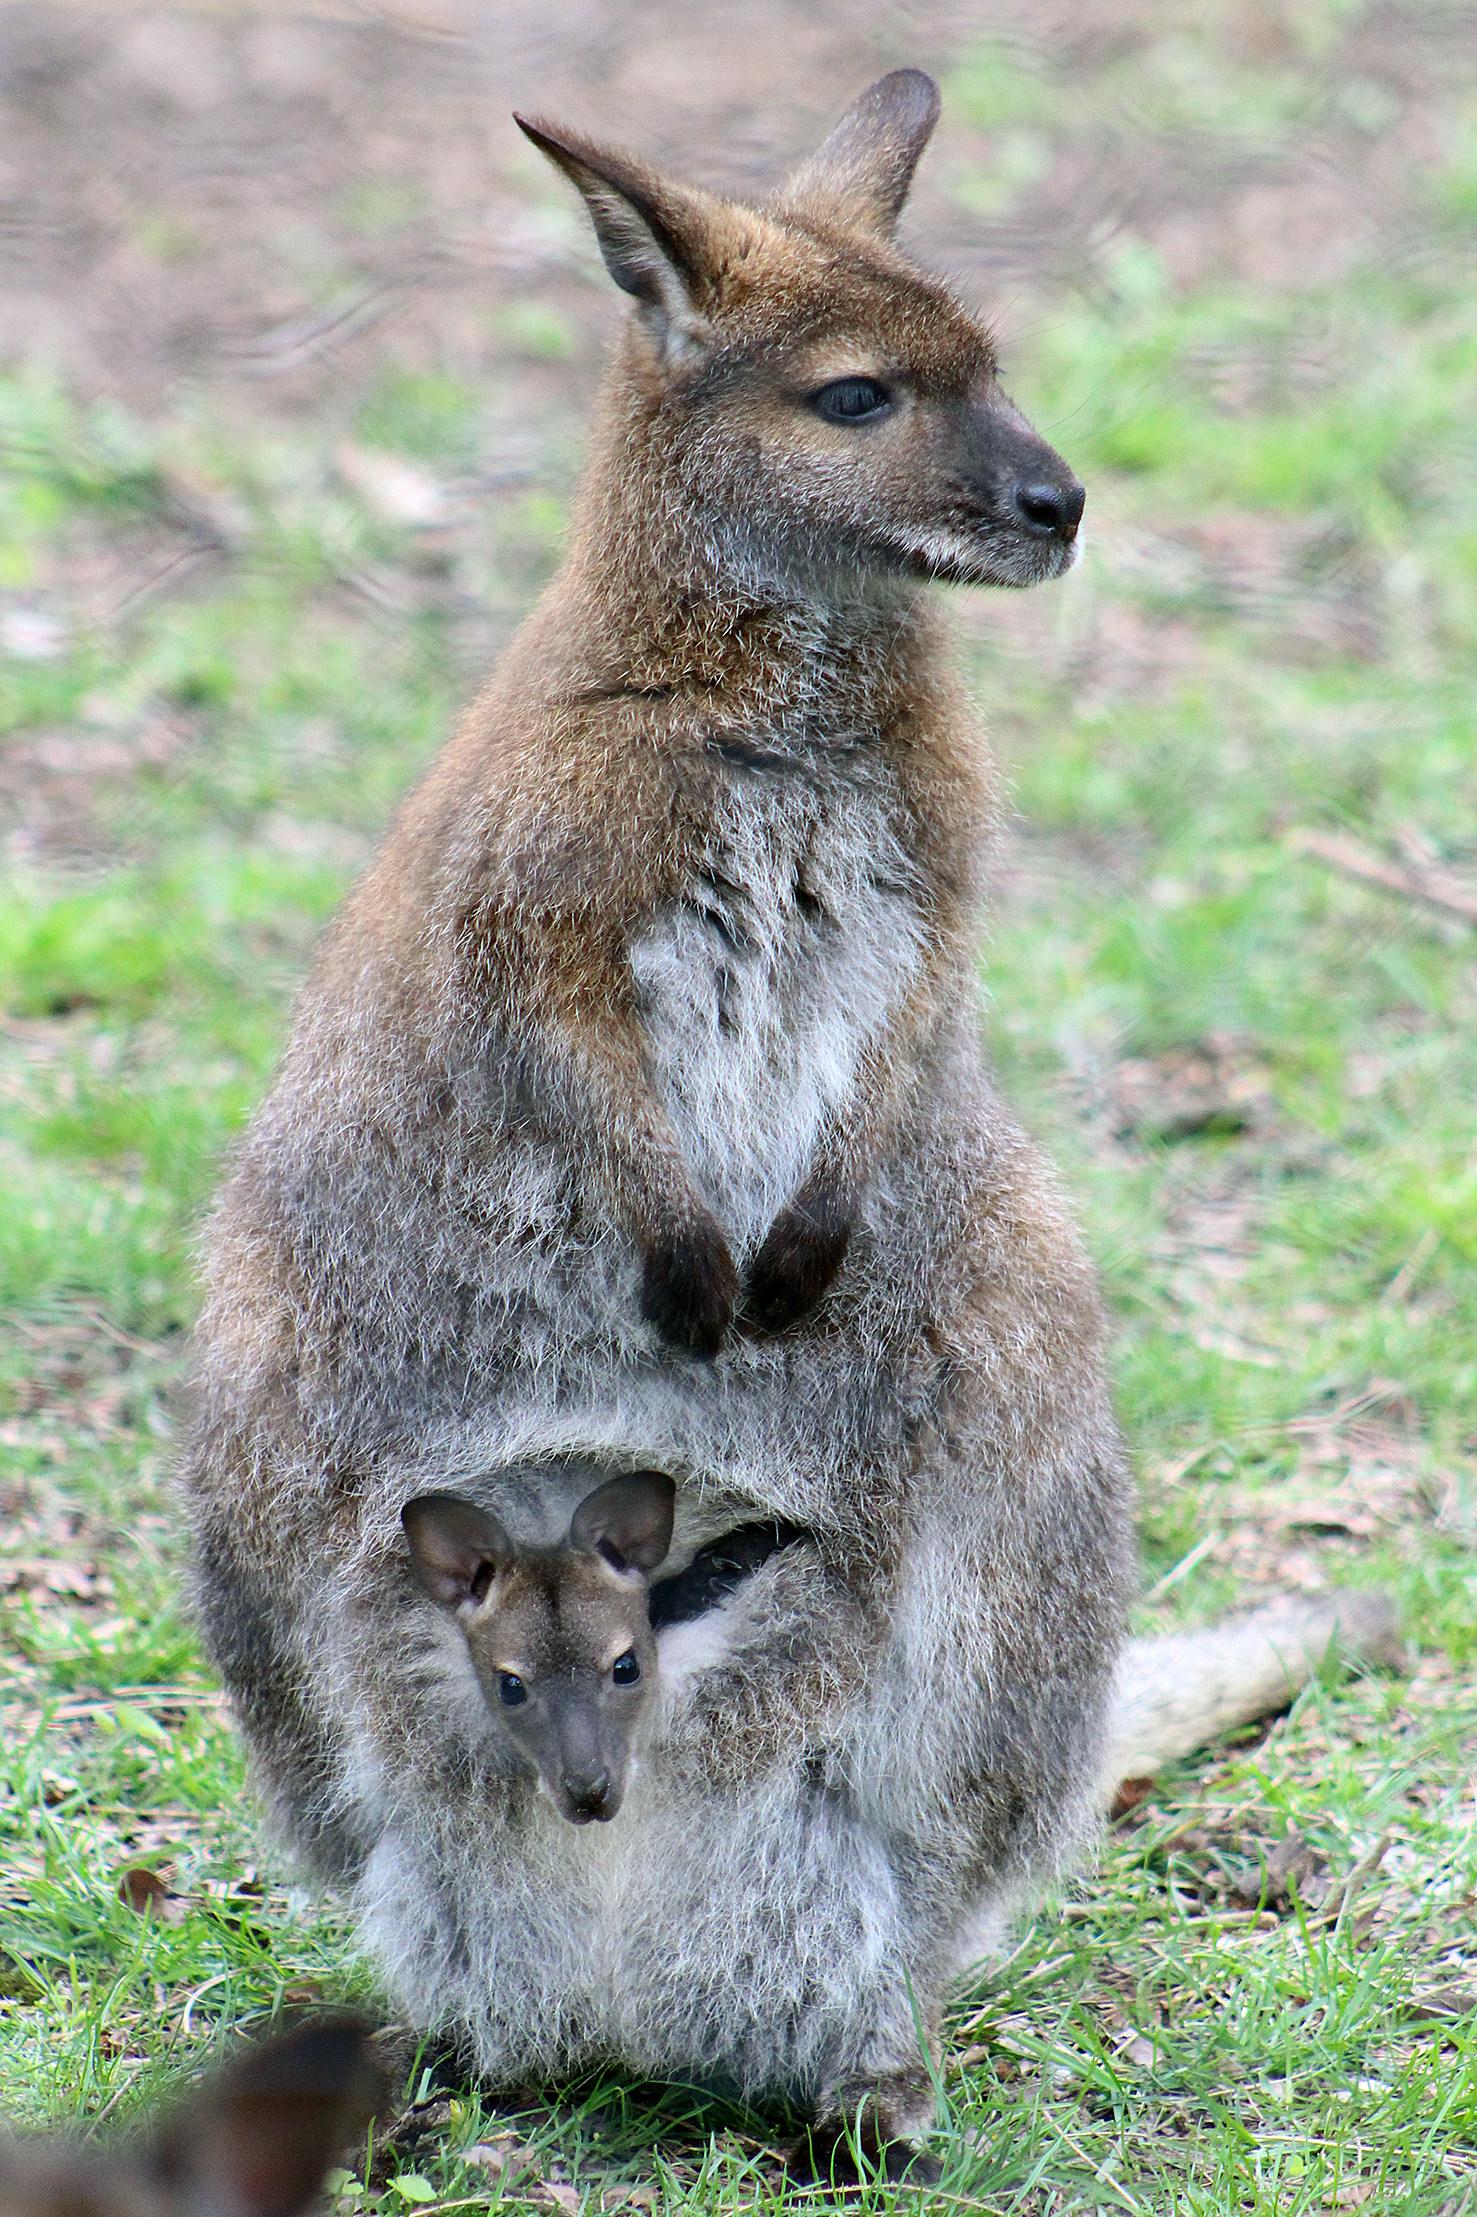 Mom and Baby Wallaby at Binder Park Zoo